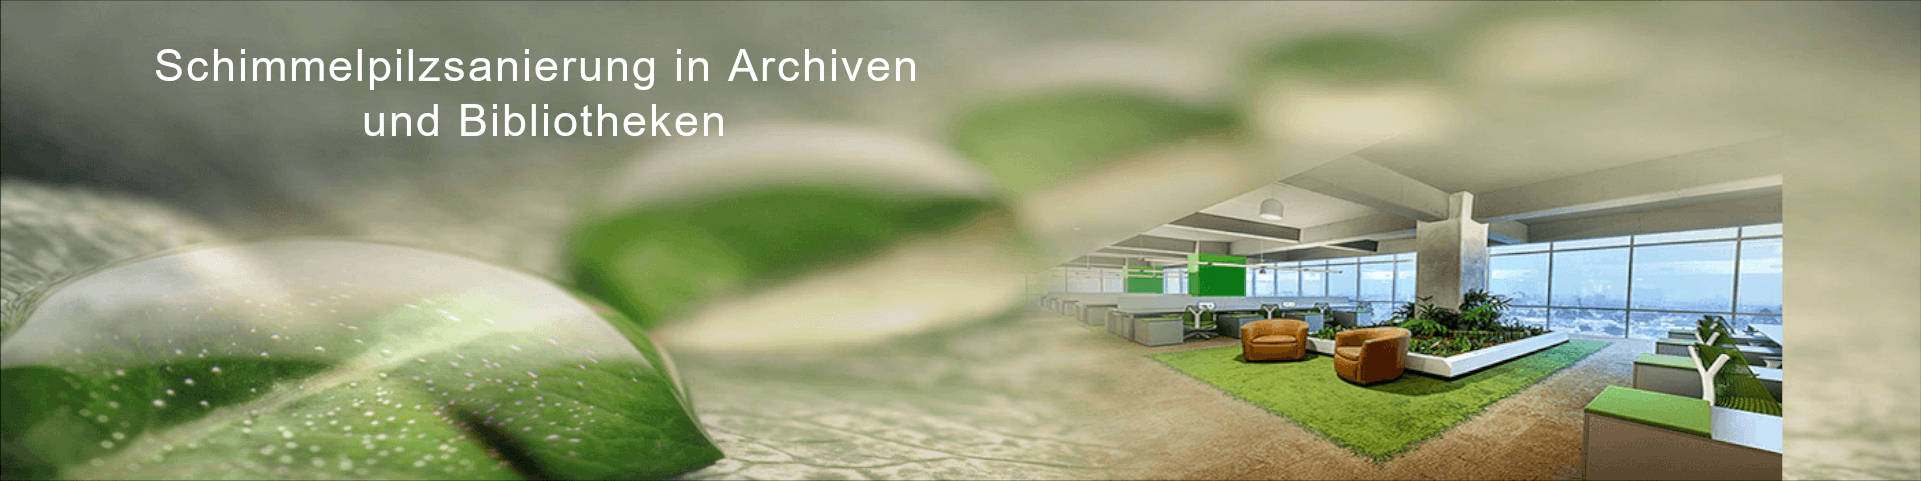 Schimmelpilzsanierung in Archiven und Bibliotheken